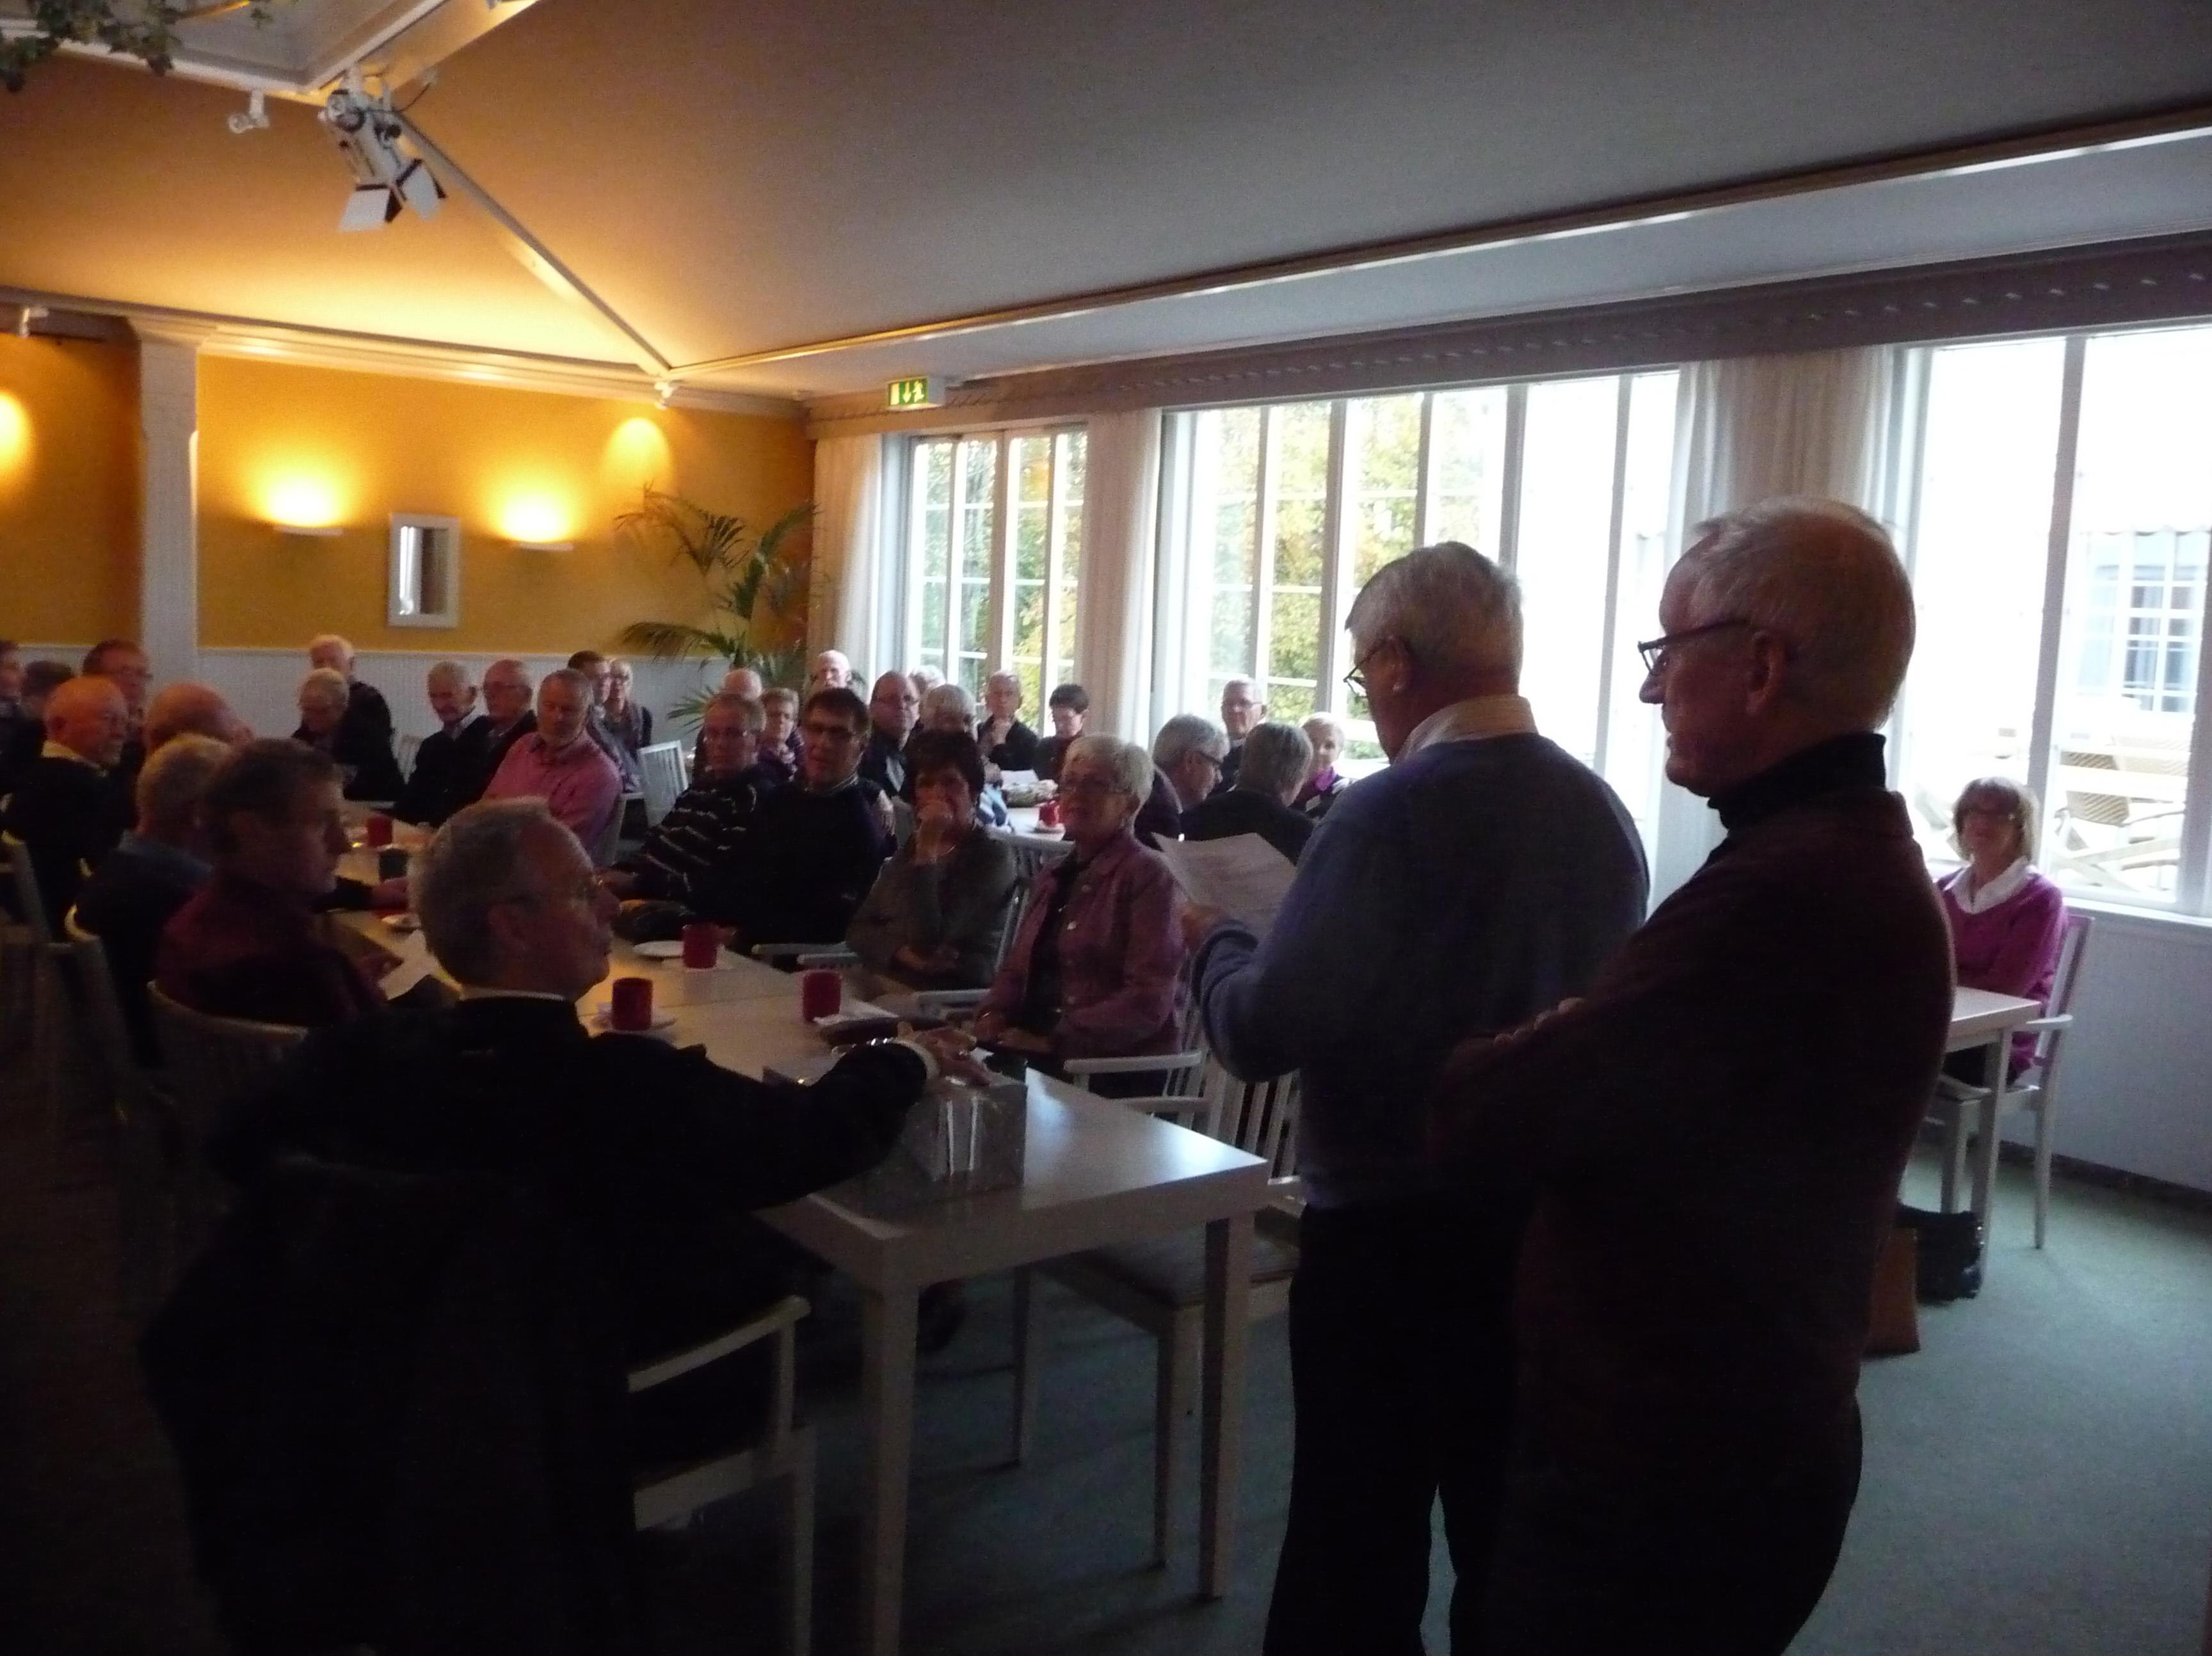 2010 Repslagarmuseet, Älvängen. - 18